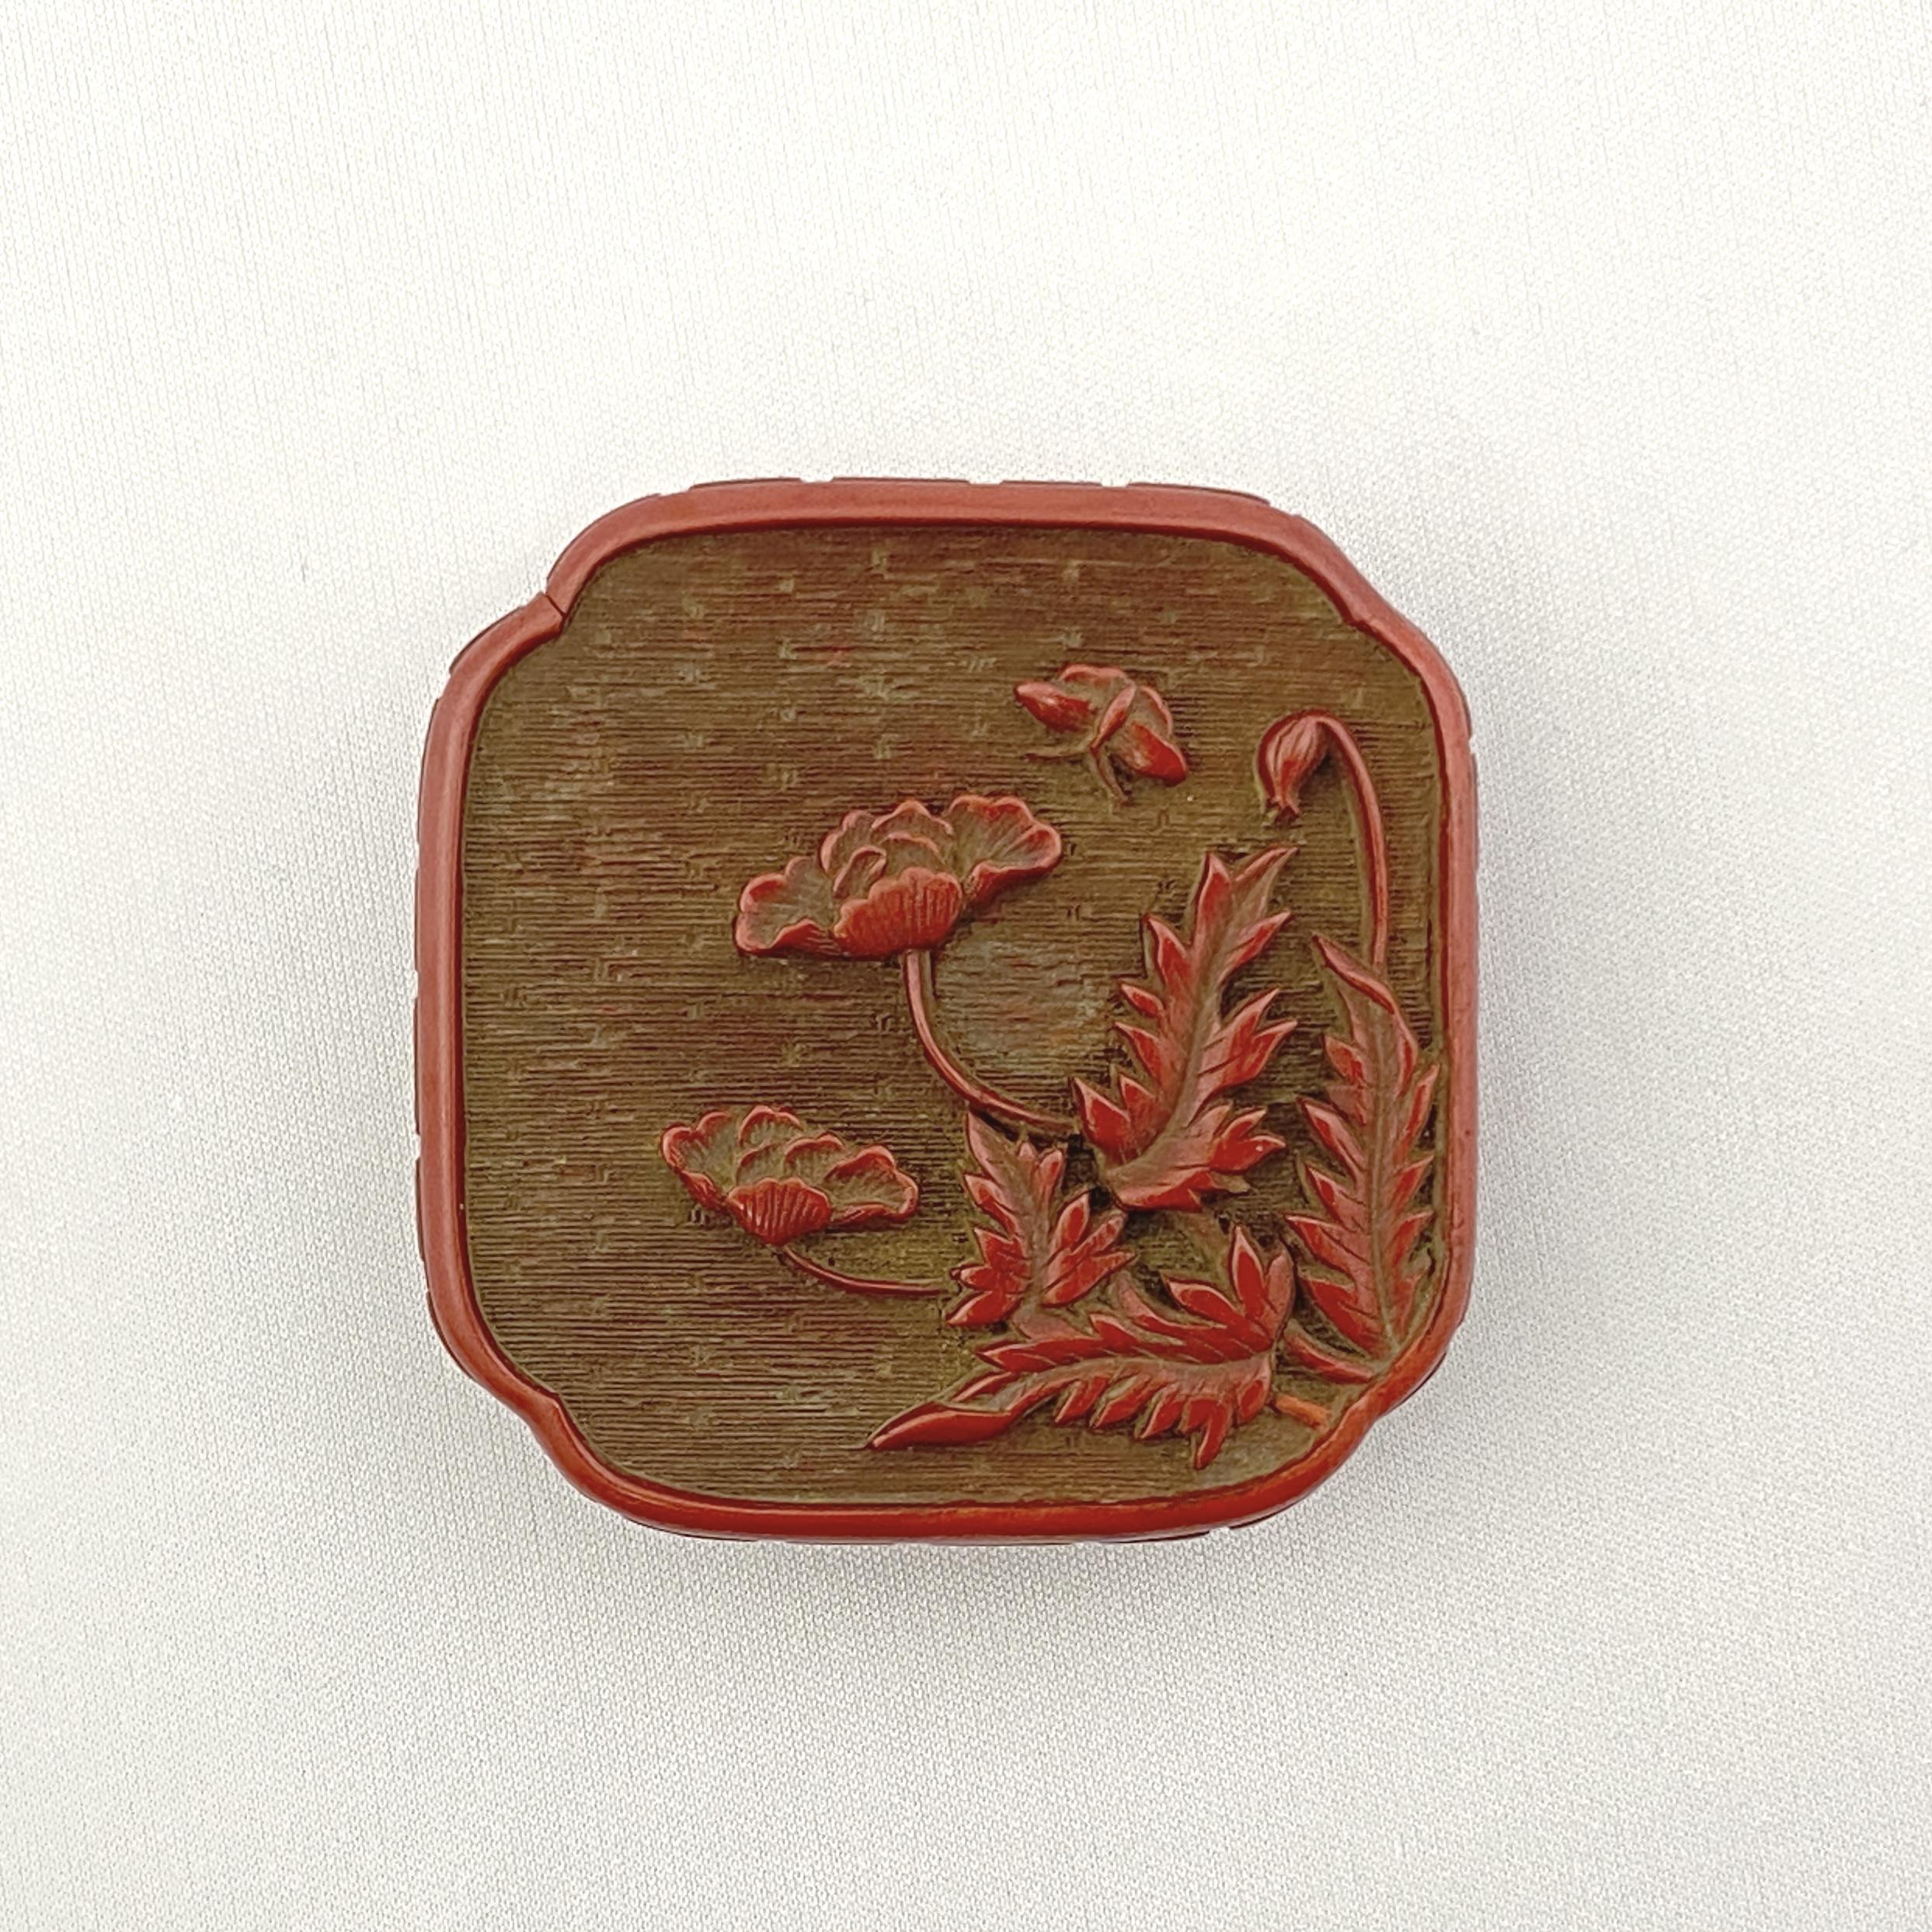 20039明 剔紅雕 花蝶紋 蓋盒